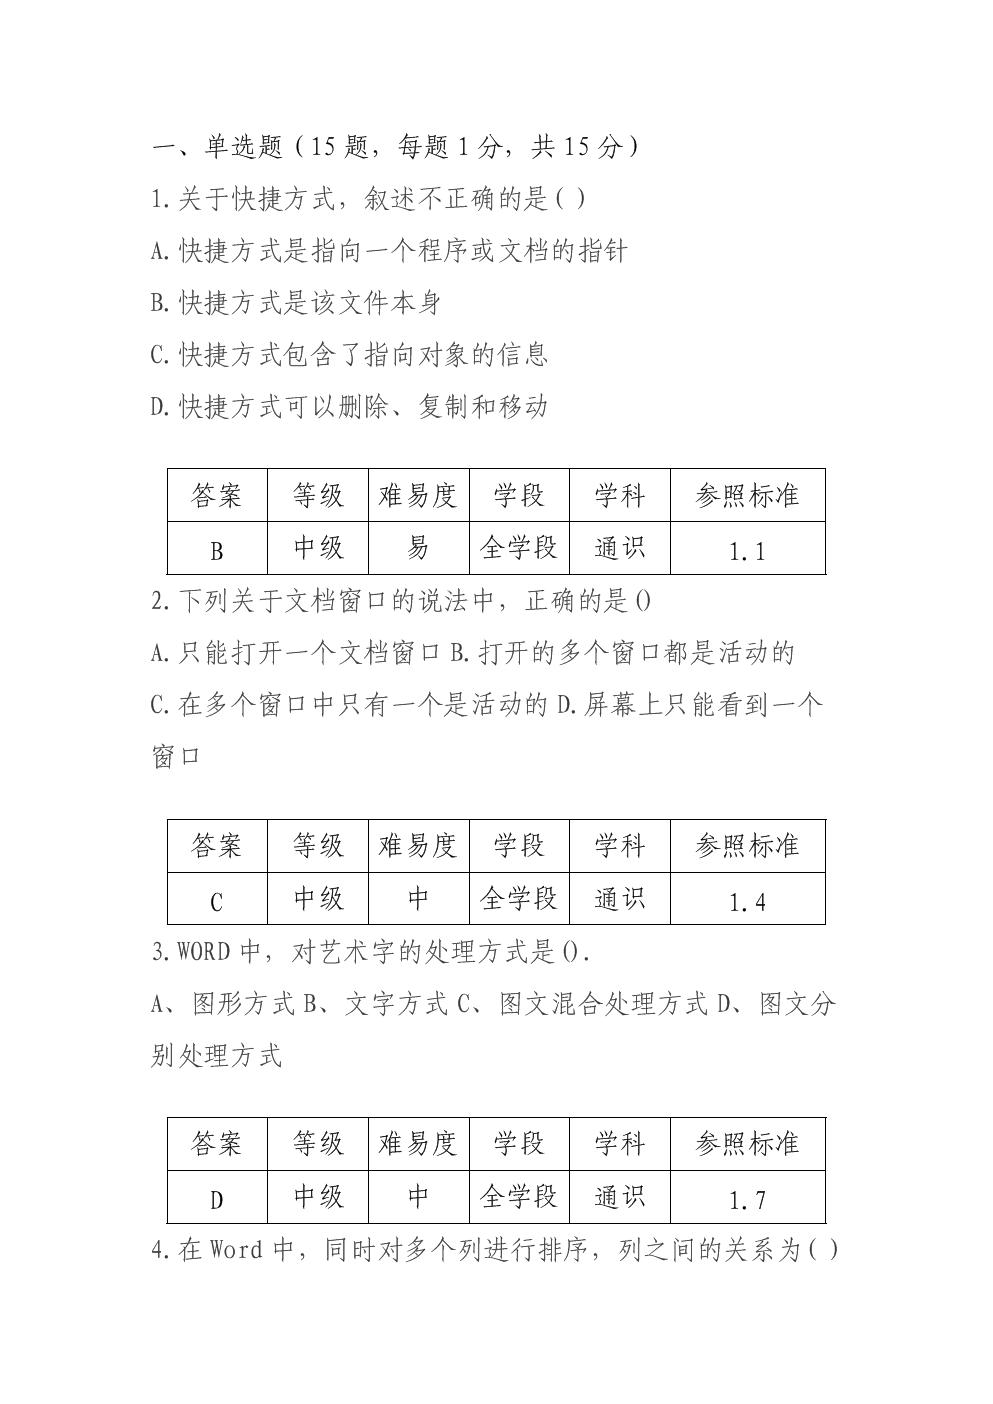 中级多项选择砀山县工作5坊帅强.doc